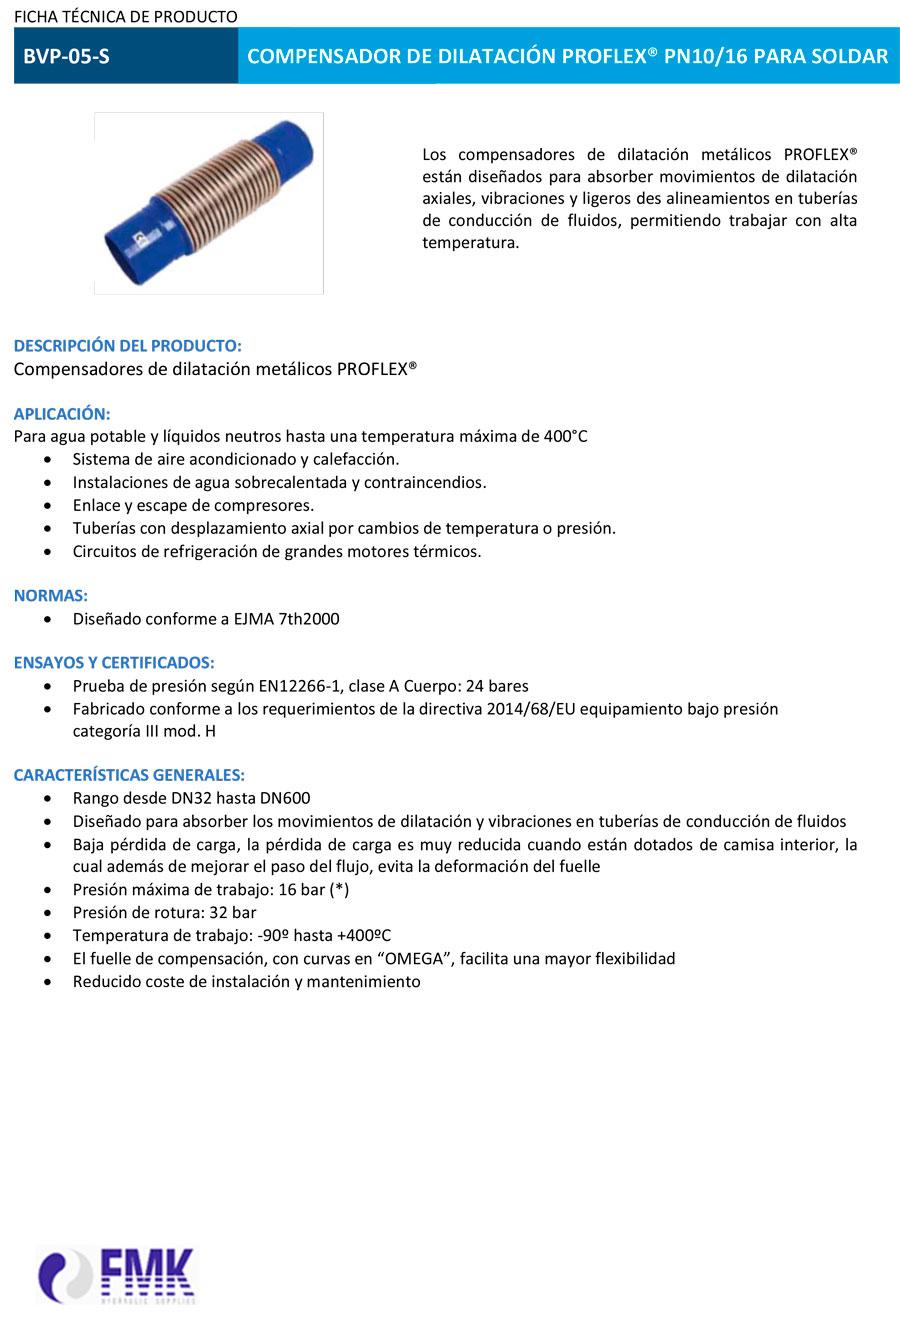 fmk-hydraulic-compensador-de-dilatacion-bvp-05-ficha-tecnica-1